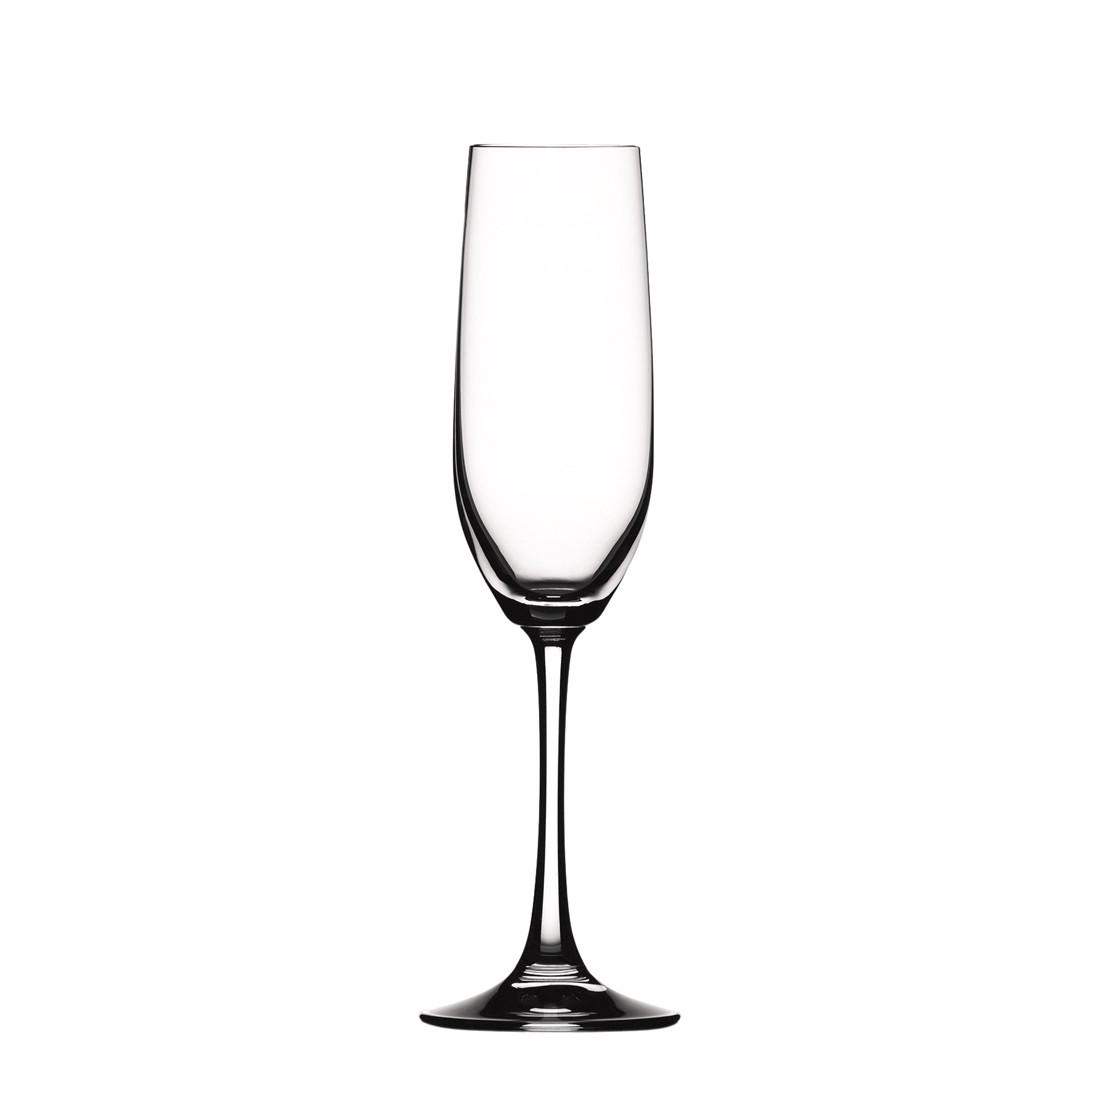 VinoGrande Sektkelch 2er-Set, Spiegelau jetzt bestellen